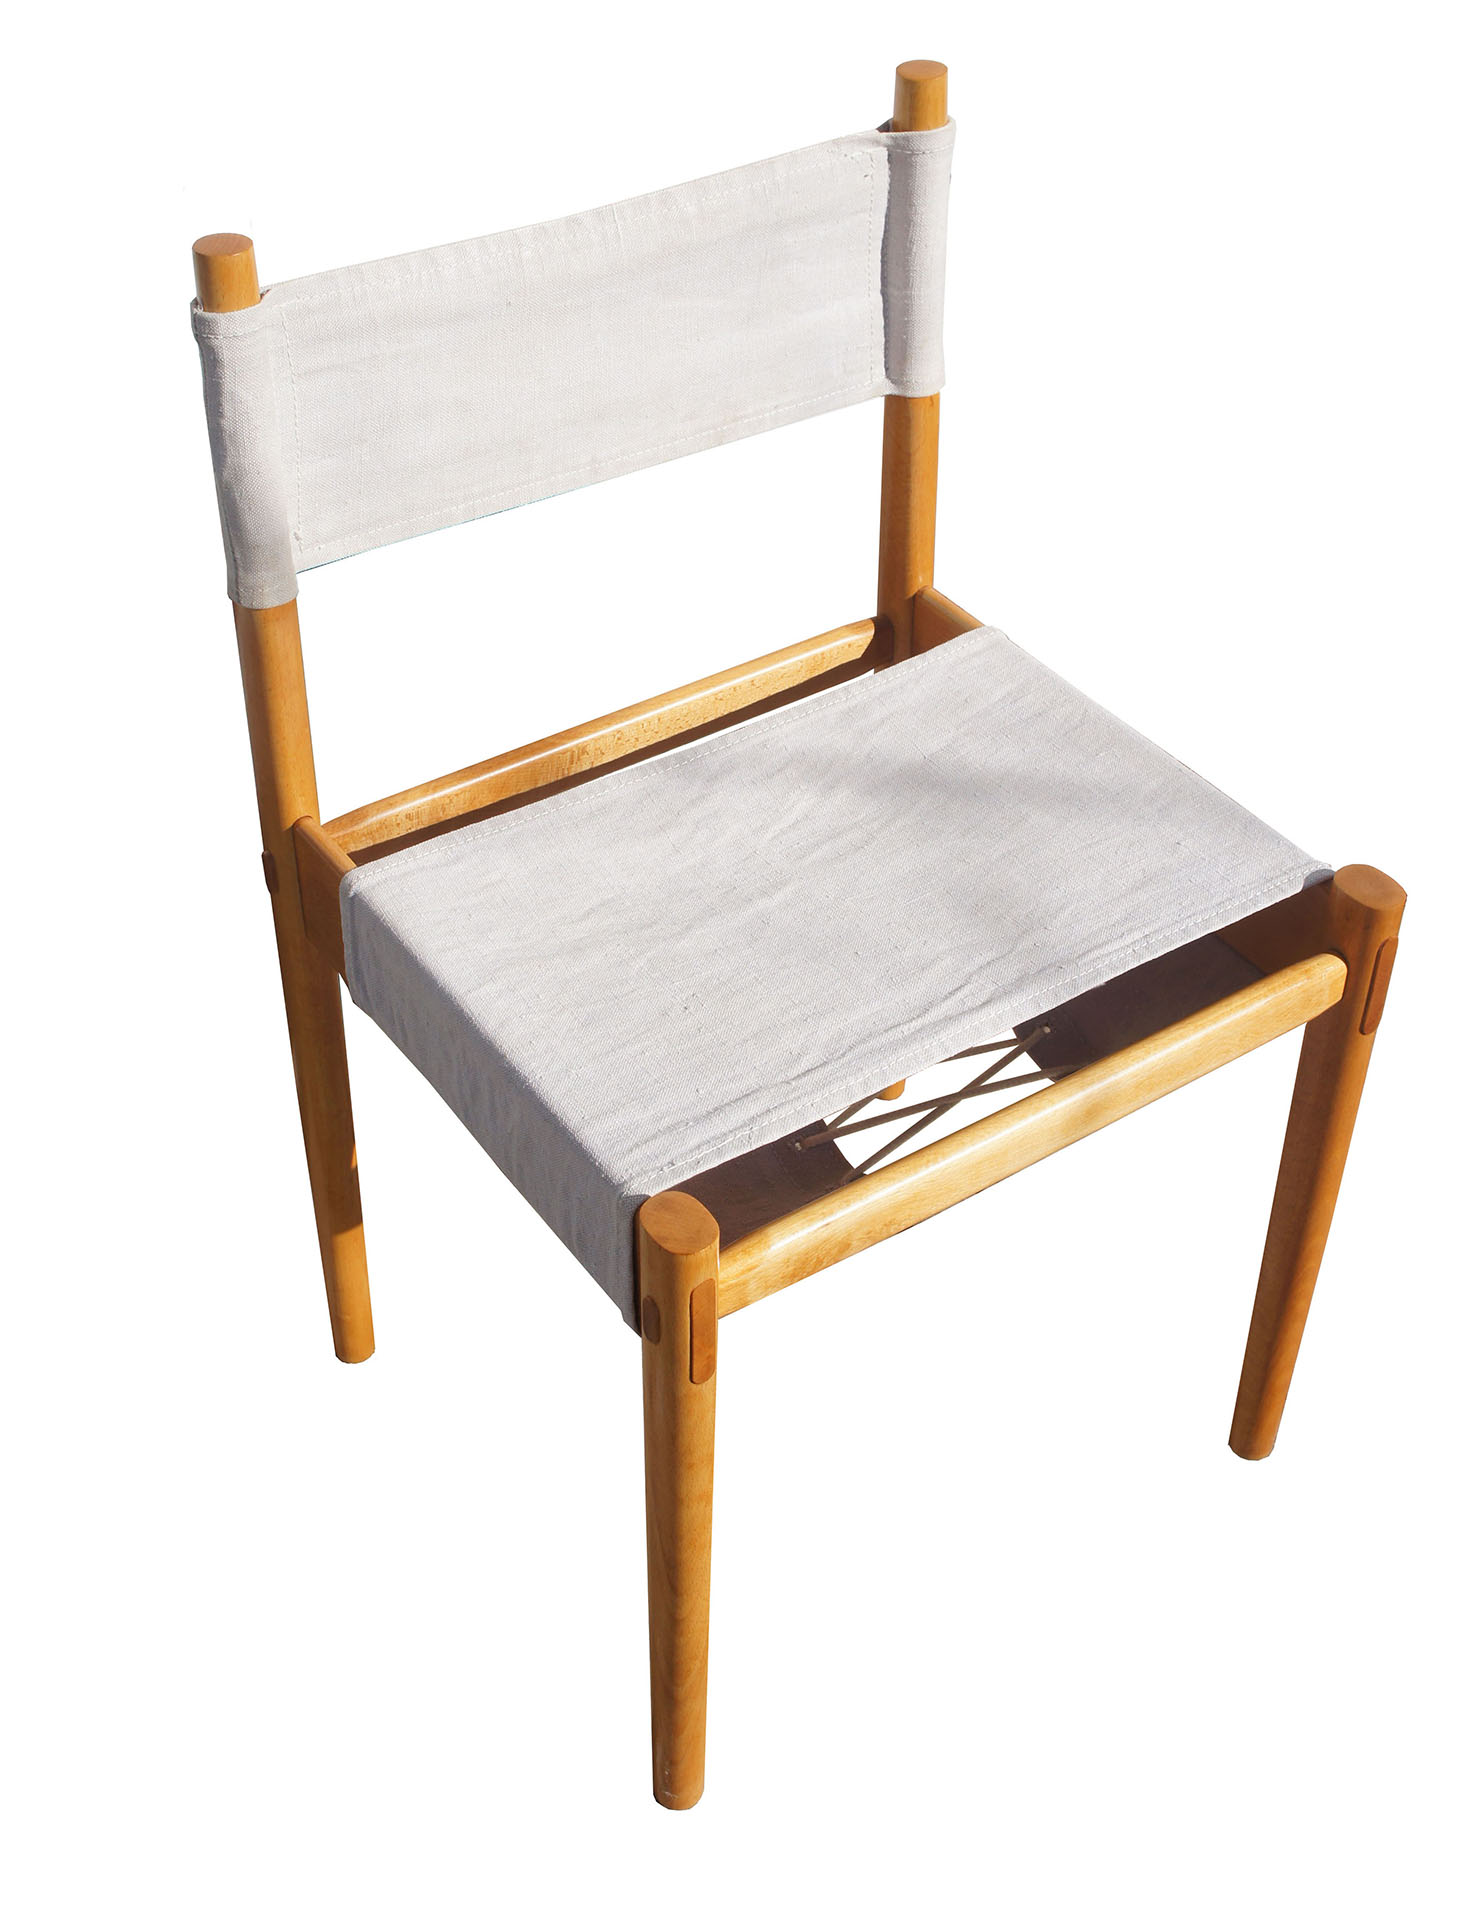 CADO chair 1.jpg